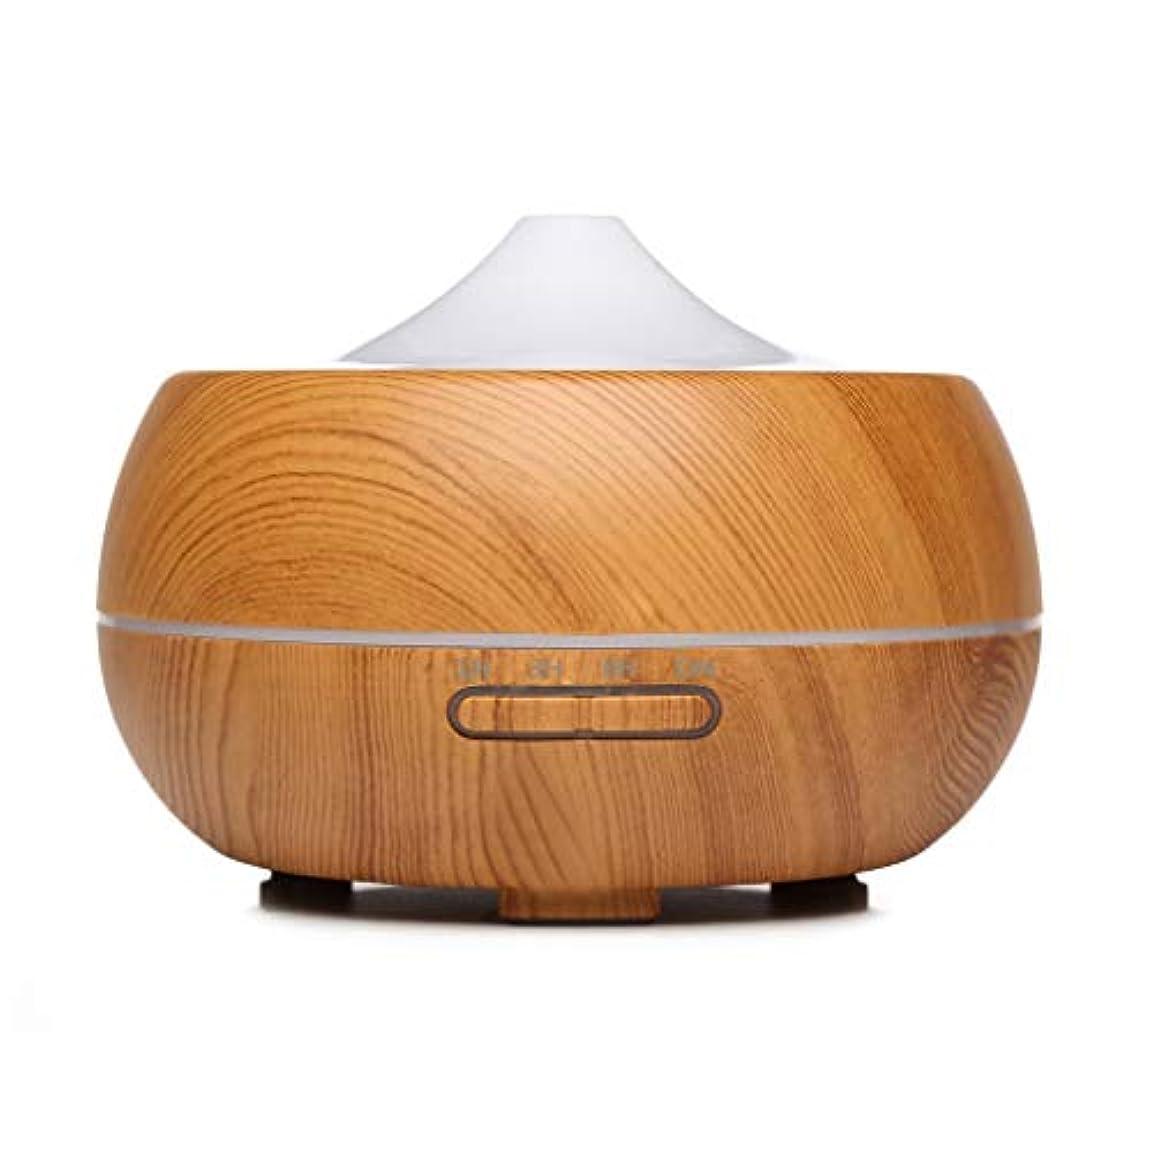 誘う検体嵐が丘300ミリリットルクールミスト加湿器超音波不可欠ディフューザー用オフィスホームベッドルームリビングルーム研究ヨガスパ、木目 (Color : Light wood grain)